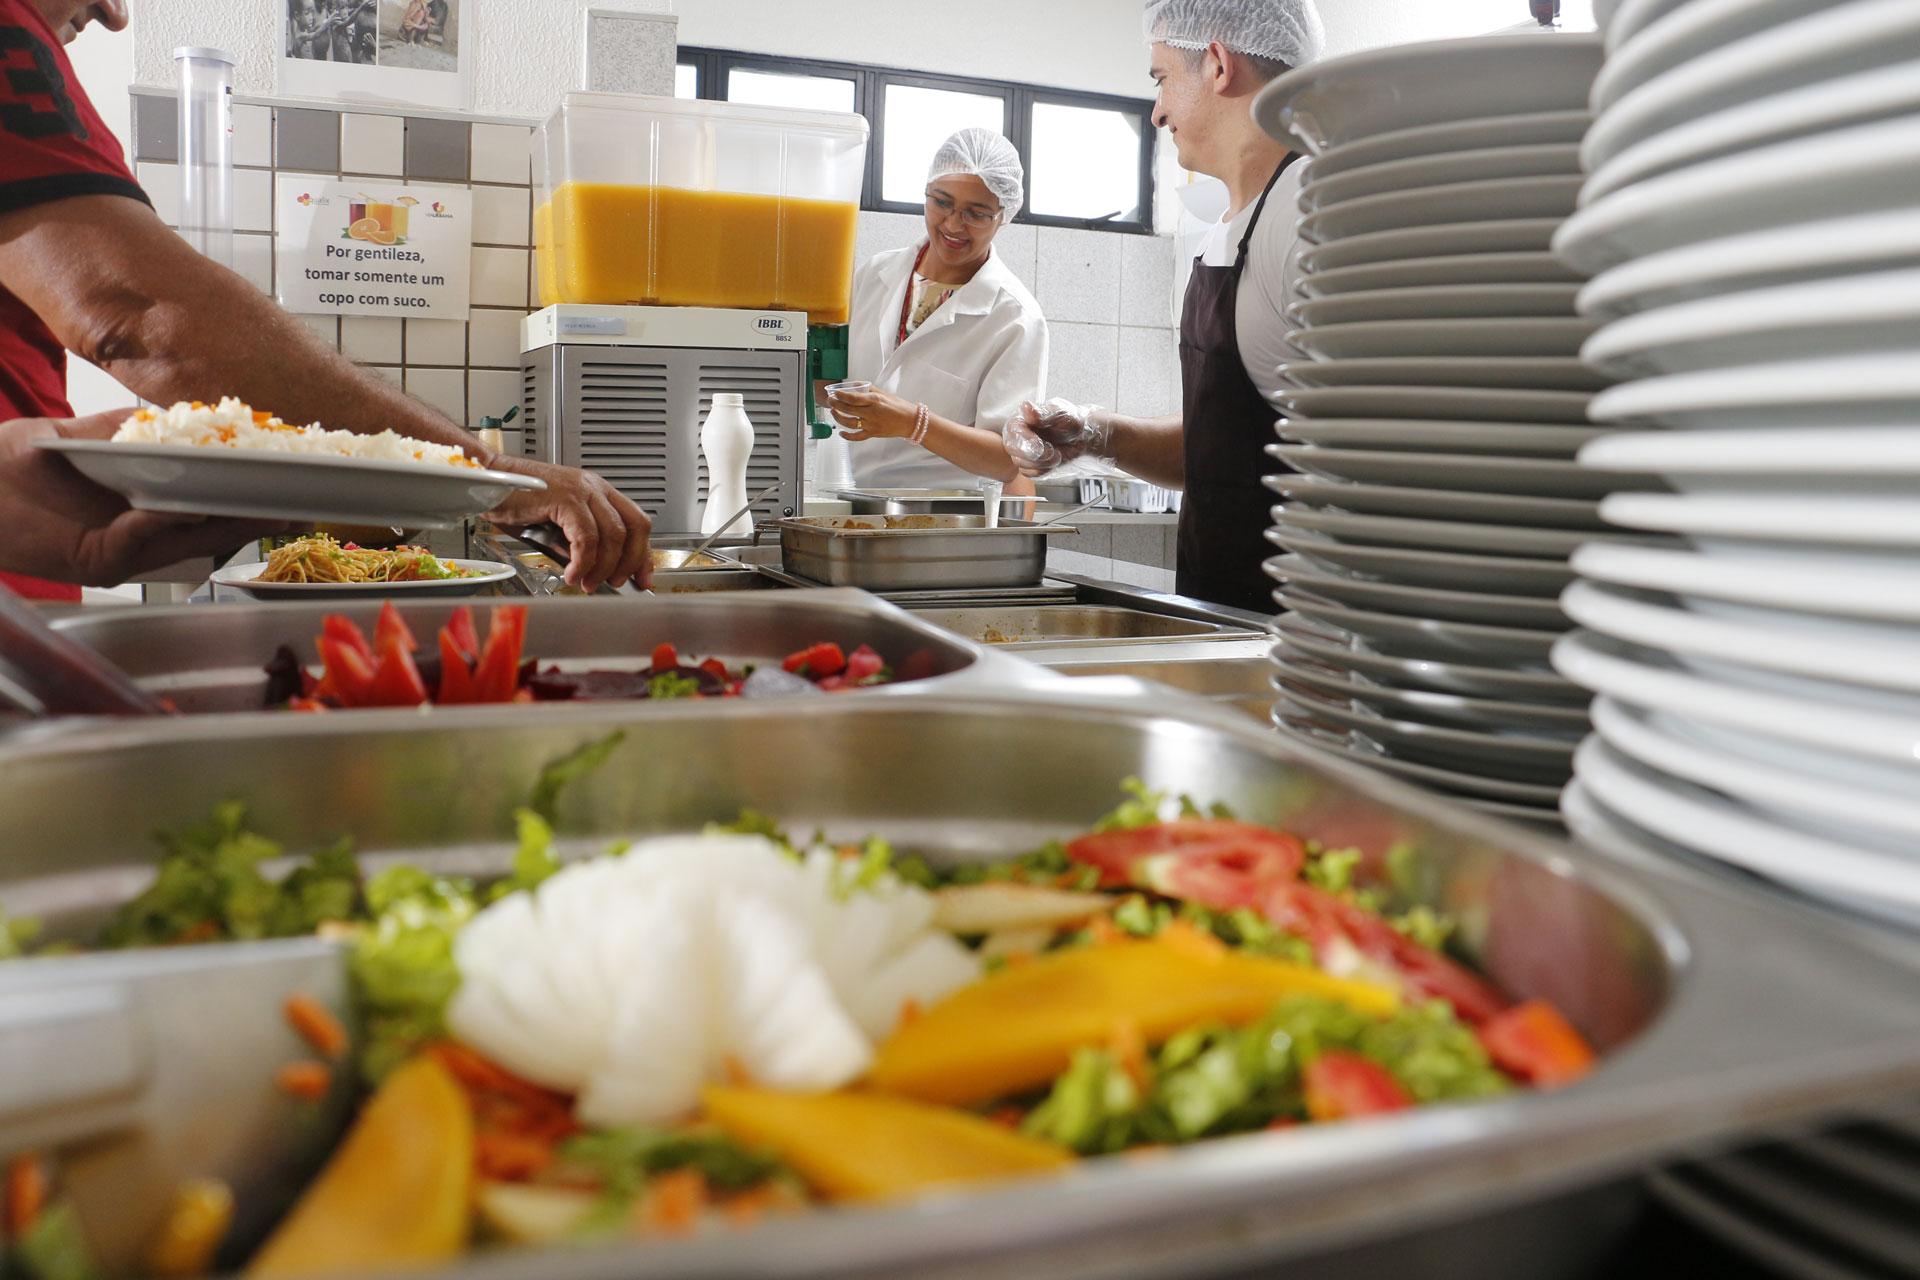 Nada como sentir o aroma de uma refeição feita na hora. Os Restaurantes Corporativos da QUALIX REFEIÇÕES dão a oportunidade aos nossos clientes de desfrutar desse privilégio. Montamos e administramos uma cozinha em sua empresa, adequamos o cardápio conforme sua necessidade.